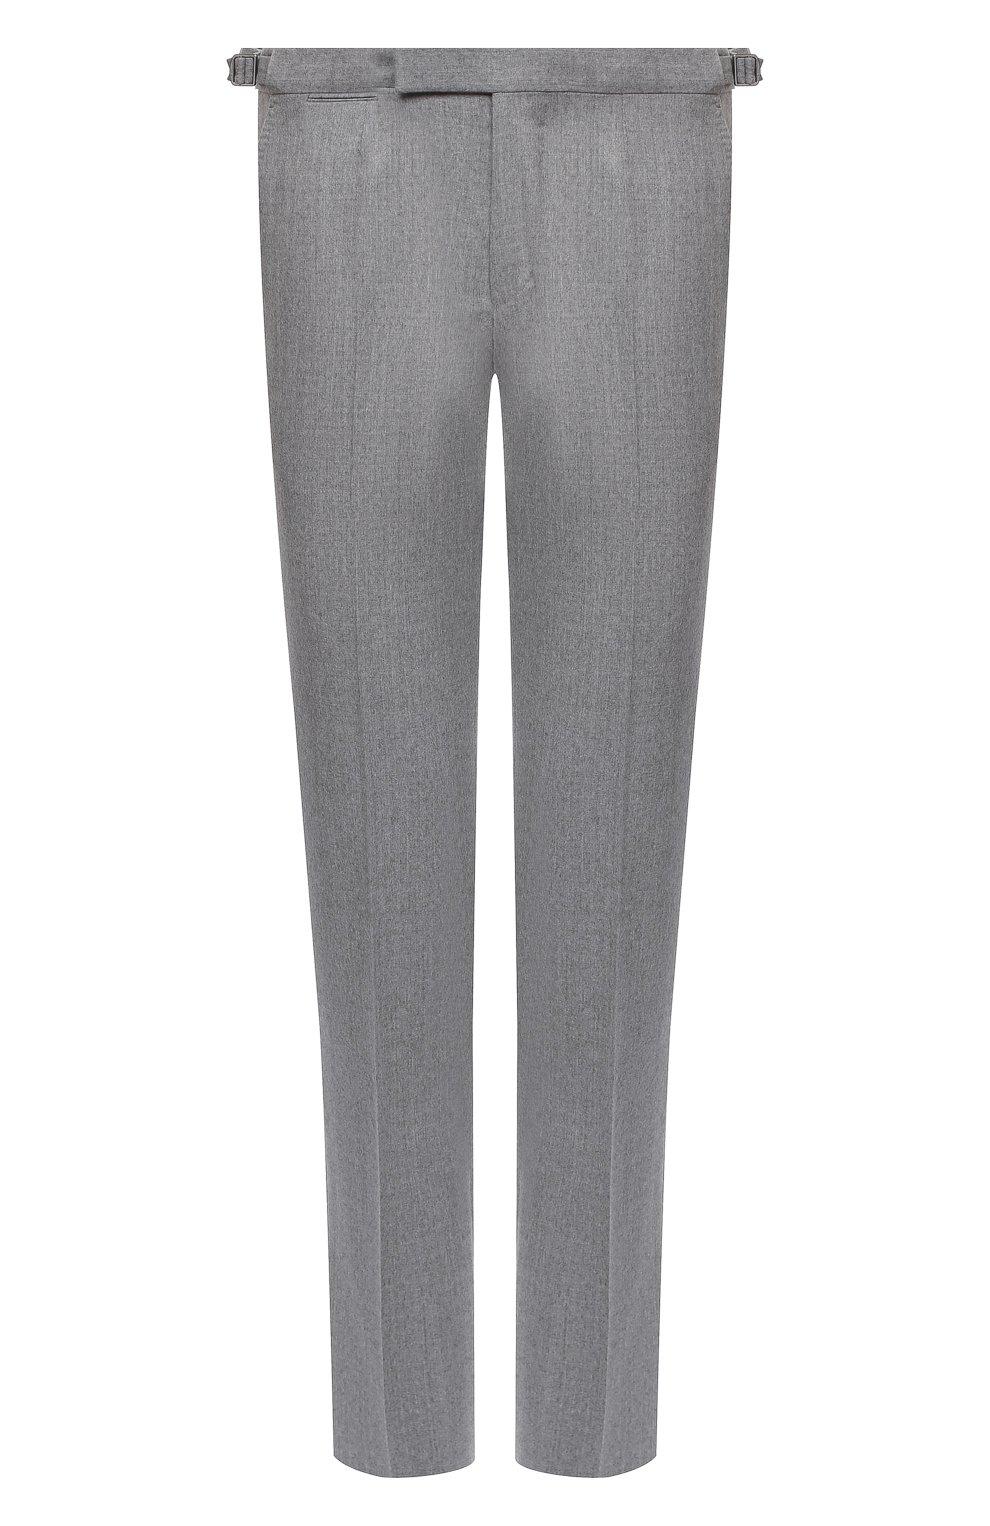 Мужские шерстяные брюки ERMENEGILDO ZEGNA светло-серого цвета, арт. 830F18/75F812   Фото 1 (Материал внешний: Шерсть; Длина (брюки, джинсы): Стандартные; Стили: Классический; Случай: Формальный; Материал подклада: Вискоза)